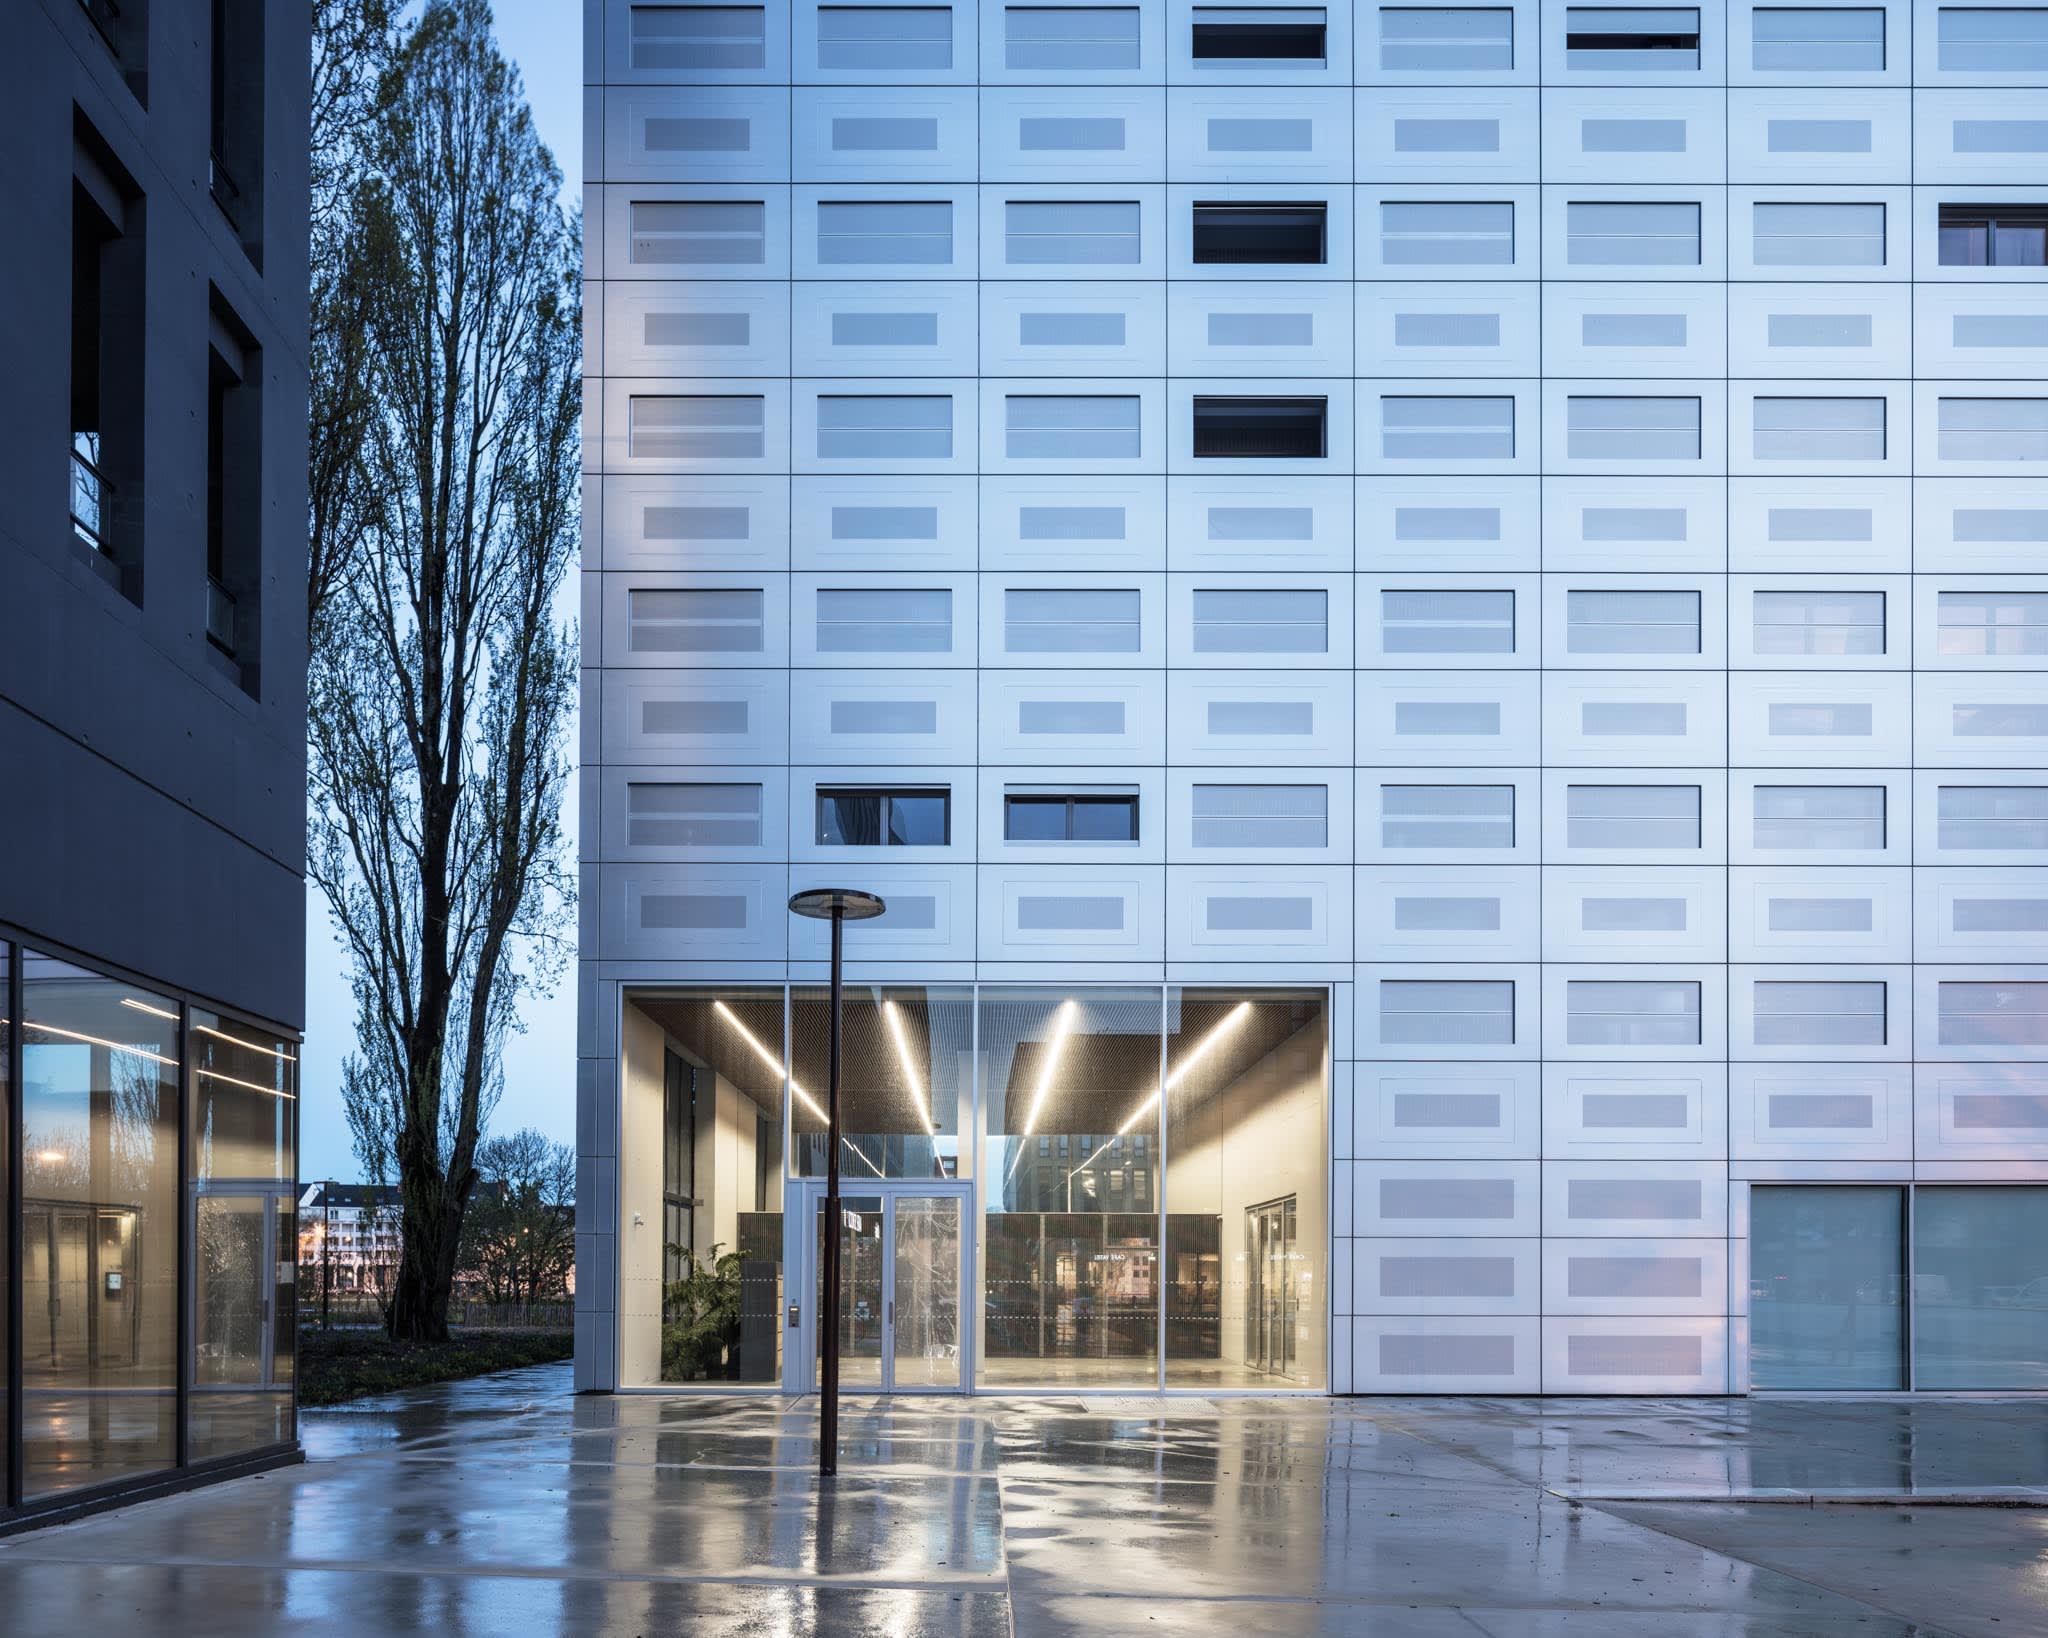 Atelier De La Cuisine Nantes lan architecture, fabrice fouillet, julien lanoo, cyrille